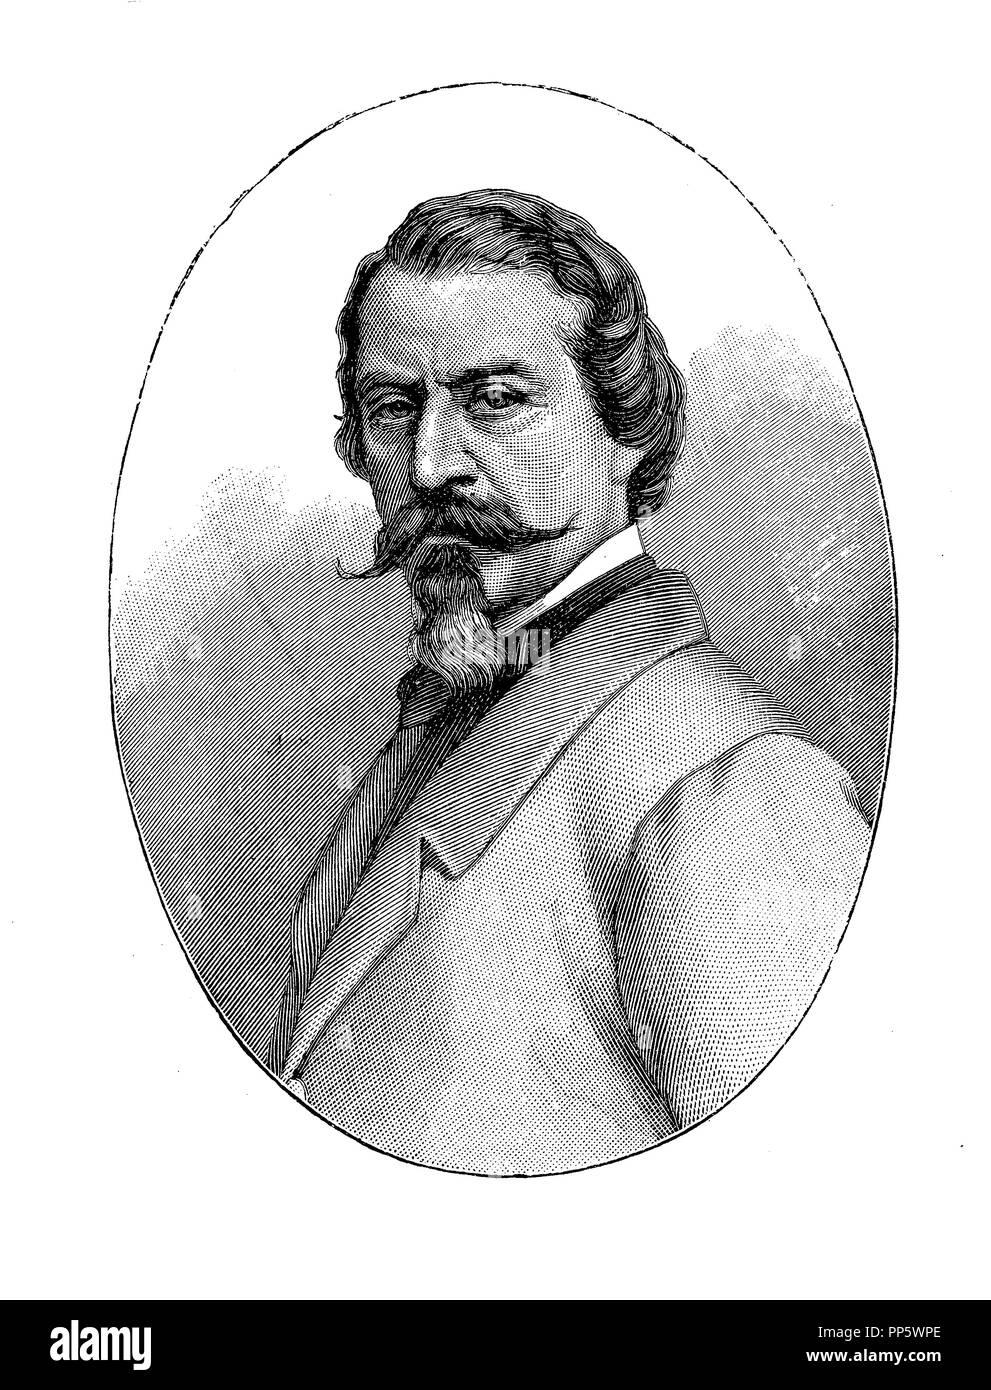 Ritratto di incisione di Aleardo Aleardi (1812-1878), Italiano neo-poeta romantico, membro del parlamento italiano e professore di estetica a Firenze Immagini Stock